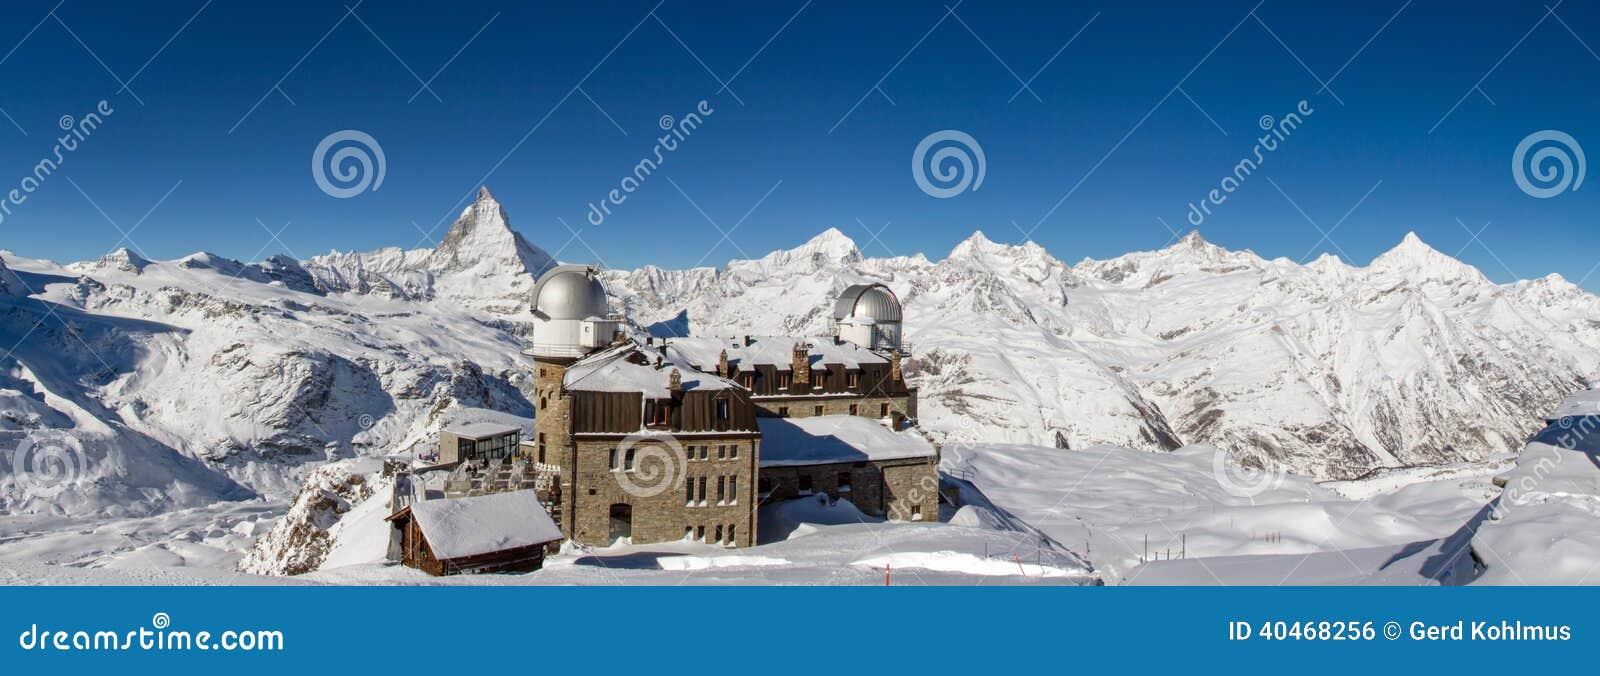 Panorama van Gornergrat